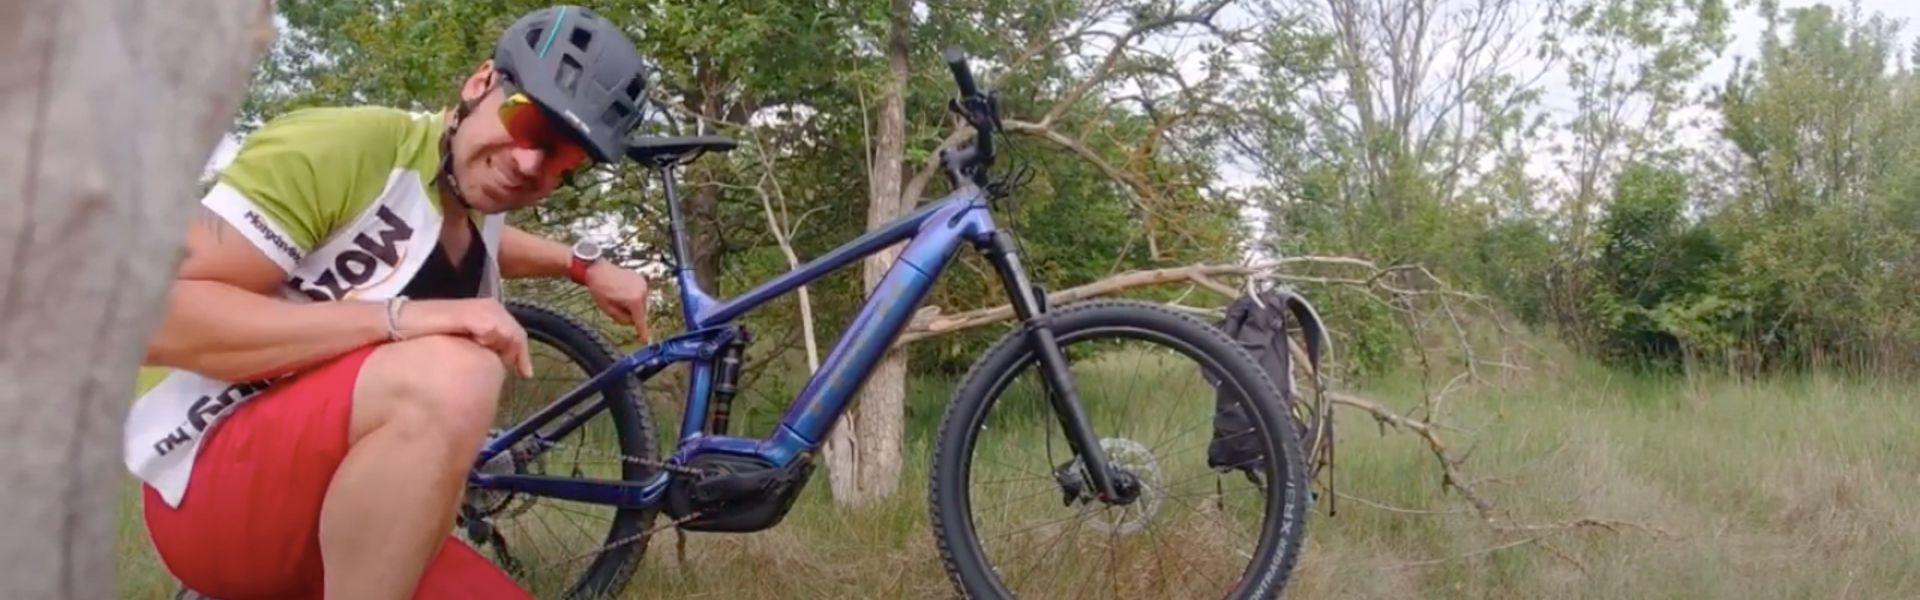 Mivel fokozható még a bringázás élményfaktora? (Trek Powerfly FS 5)